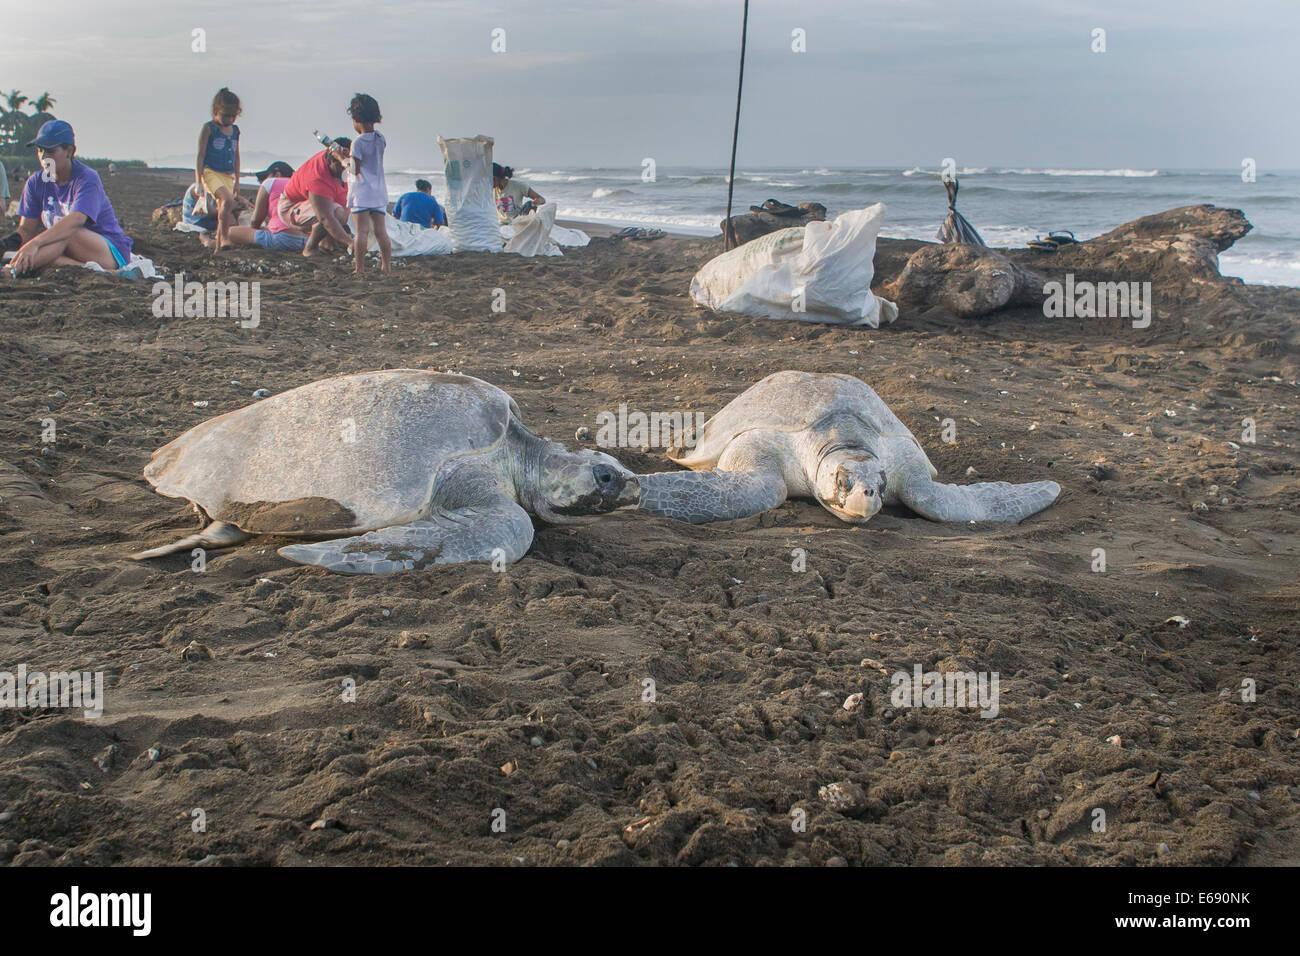 Golfina las tortugas marinas ponen sus huevos en la arena. En el fondo son los recolectores de huevos de tortuga Imagen De Stock